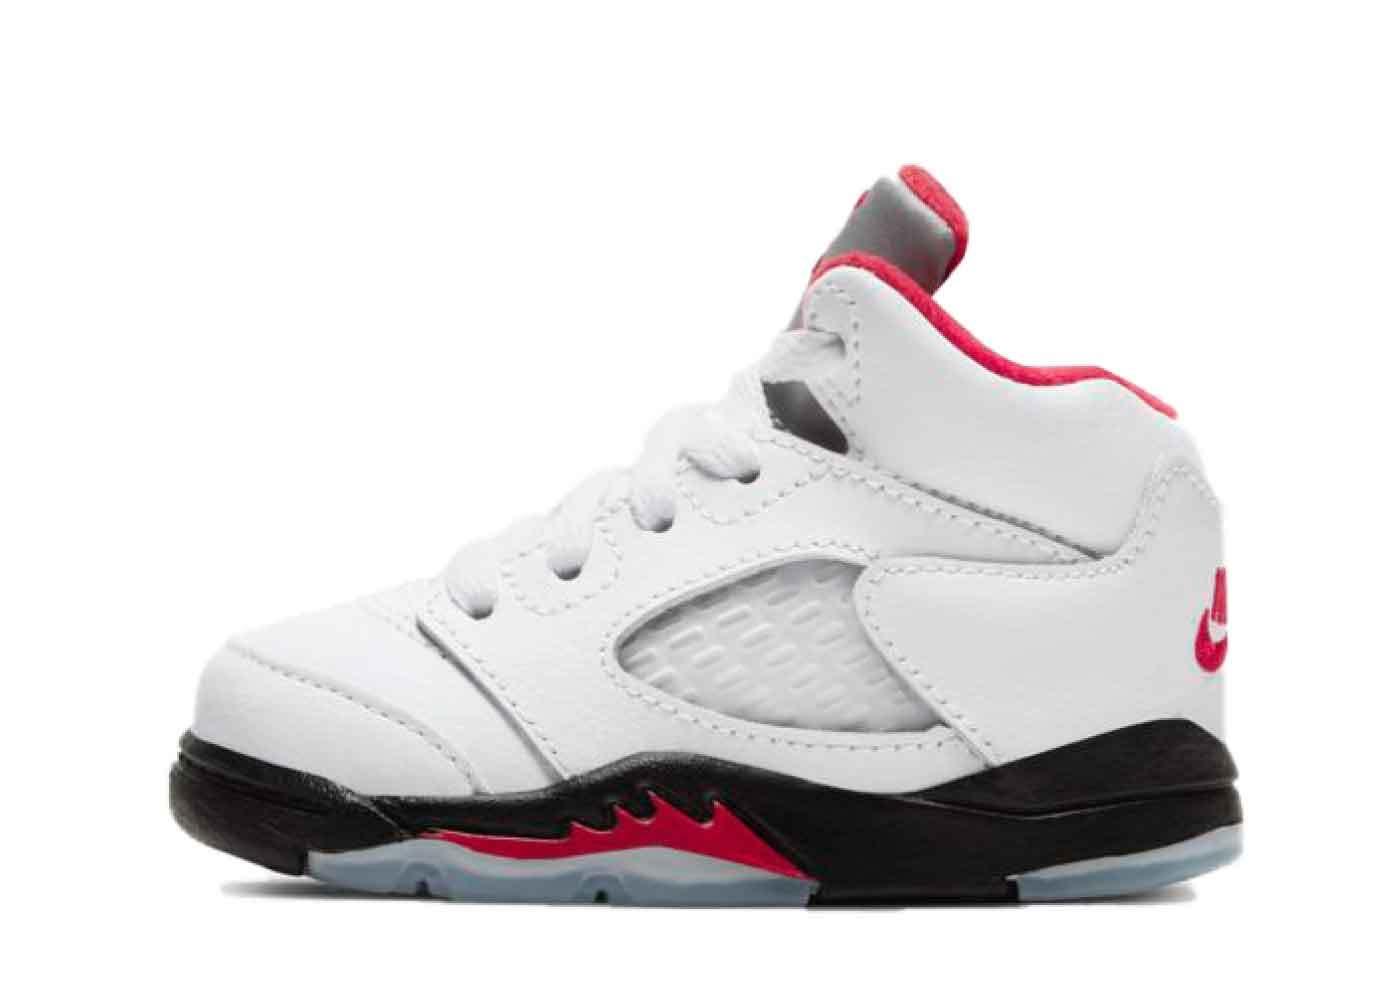 Nike Air Jordan 5 Retro OG Fire Red (TD)の写真